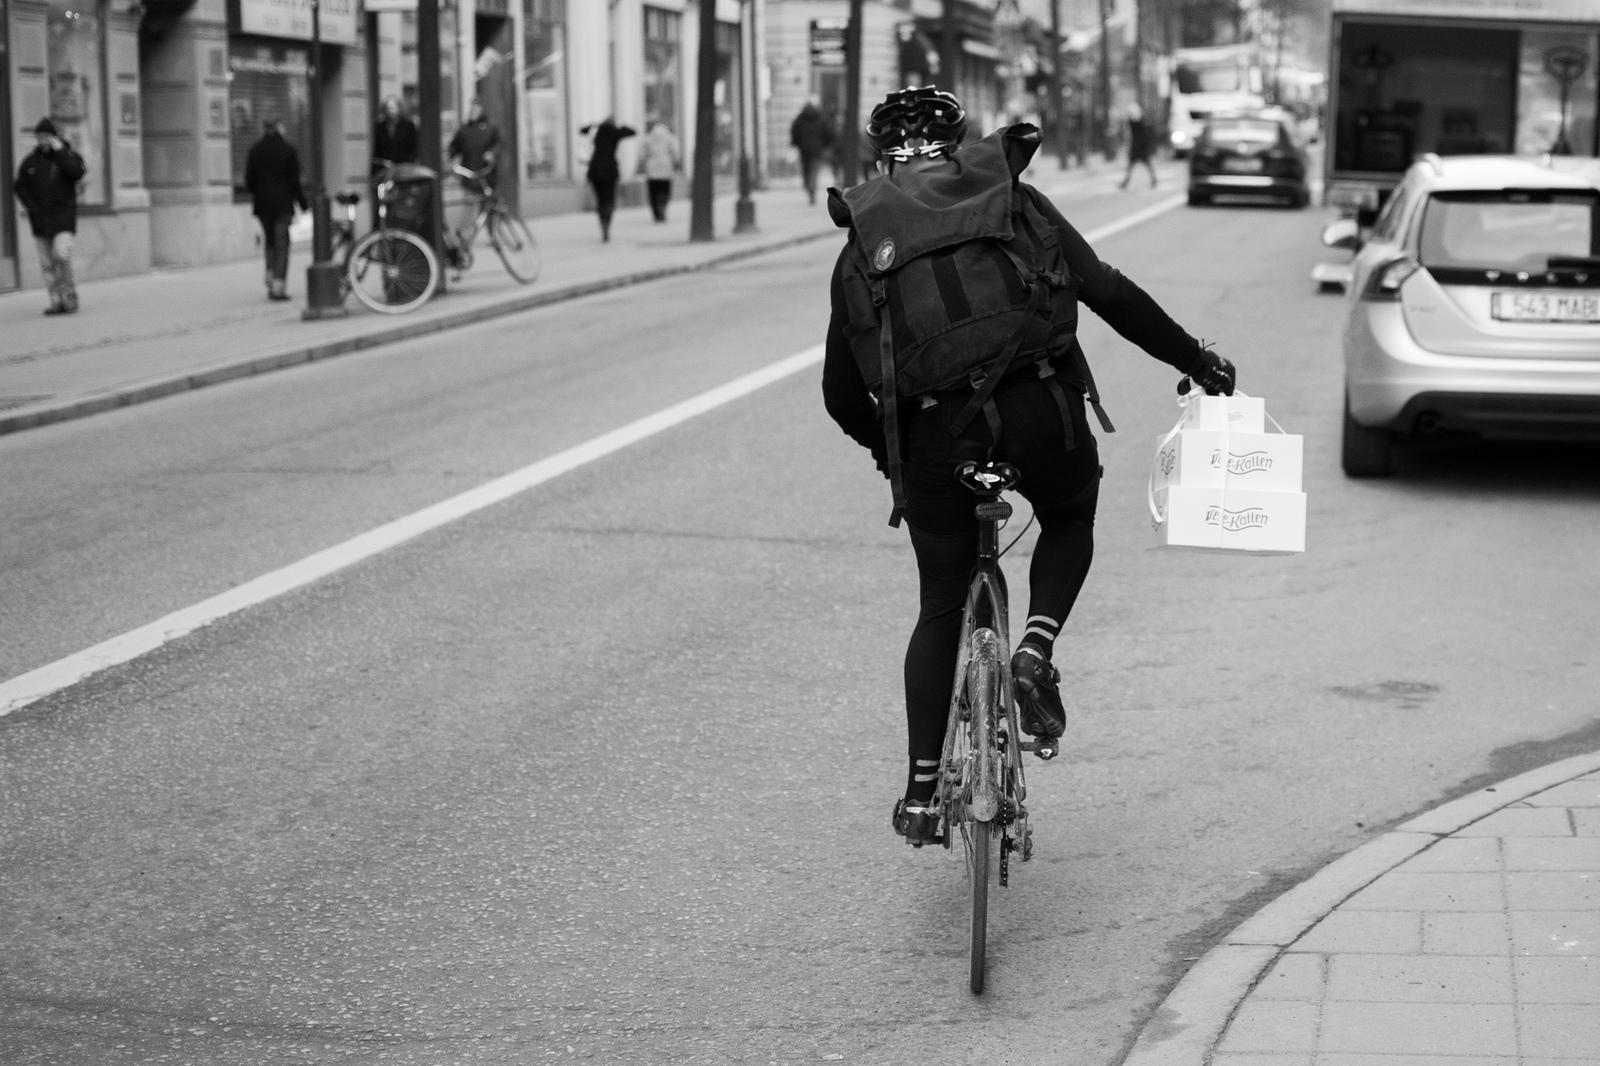 Le Food bike